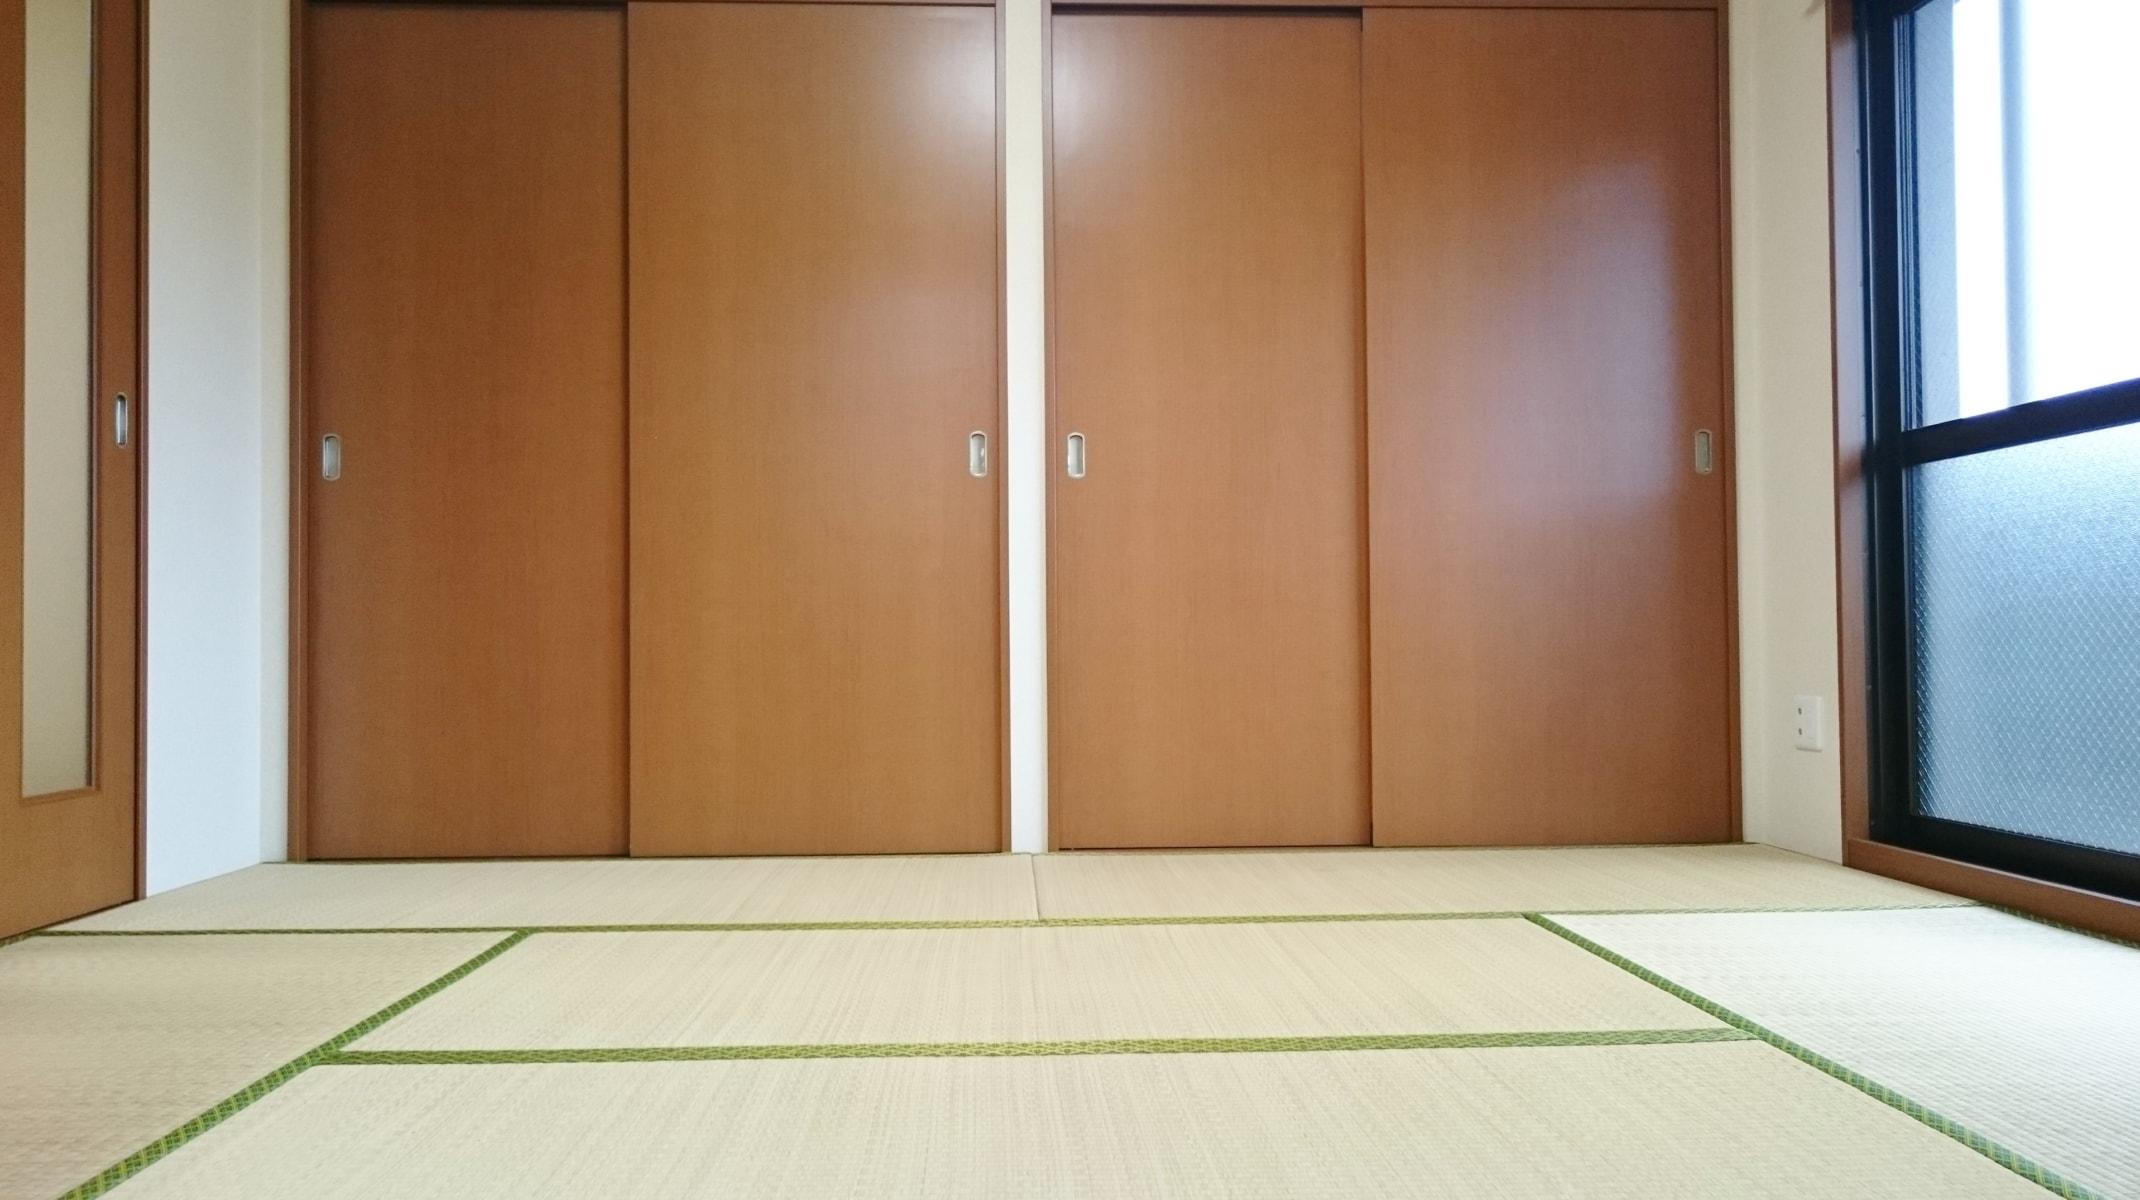 【秋田県・秋田市寺内高野】賃貸 マンション 3LDK|ユーミーコスモ 和室